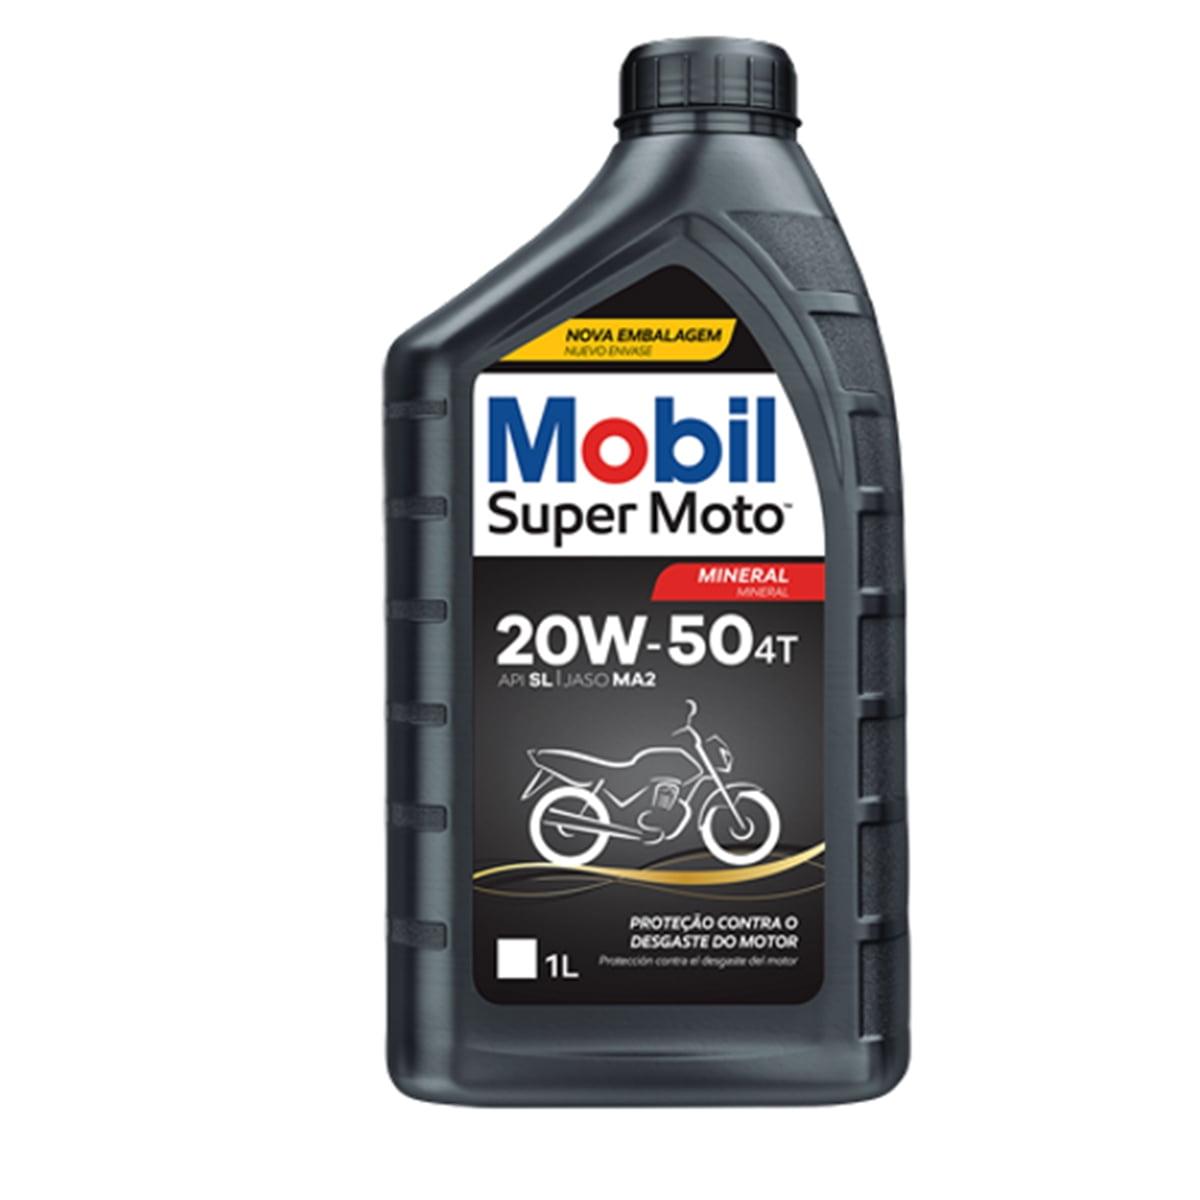 Oleo de Moto Mobil Super Moto 20w50 Mineral 4t 1lt em até 6x sem juros